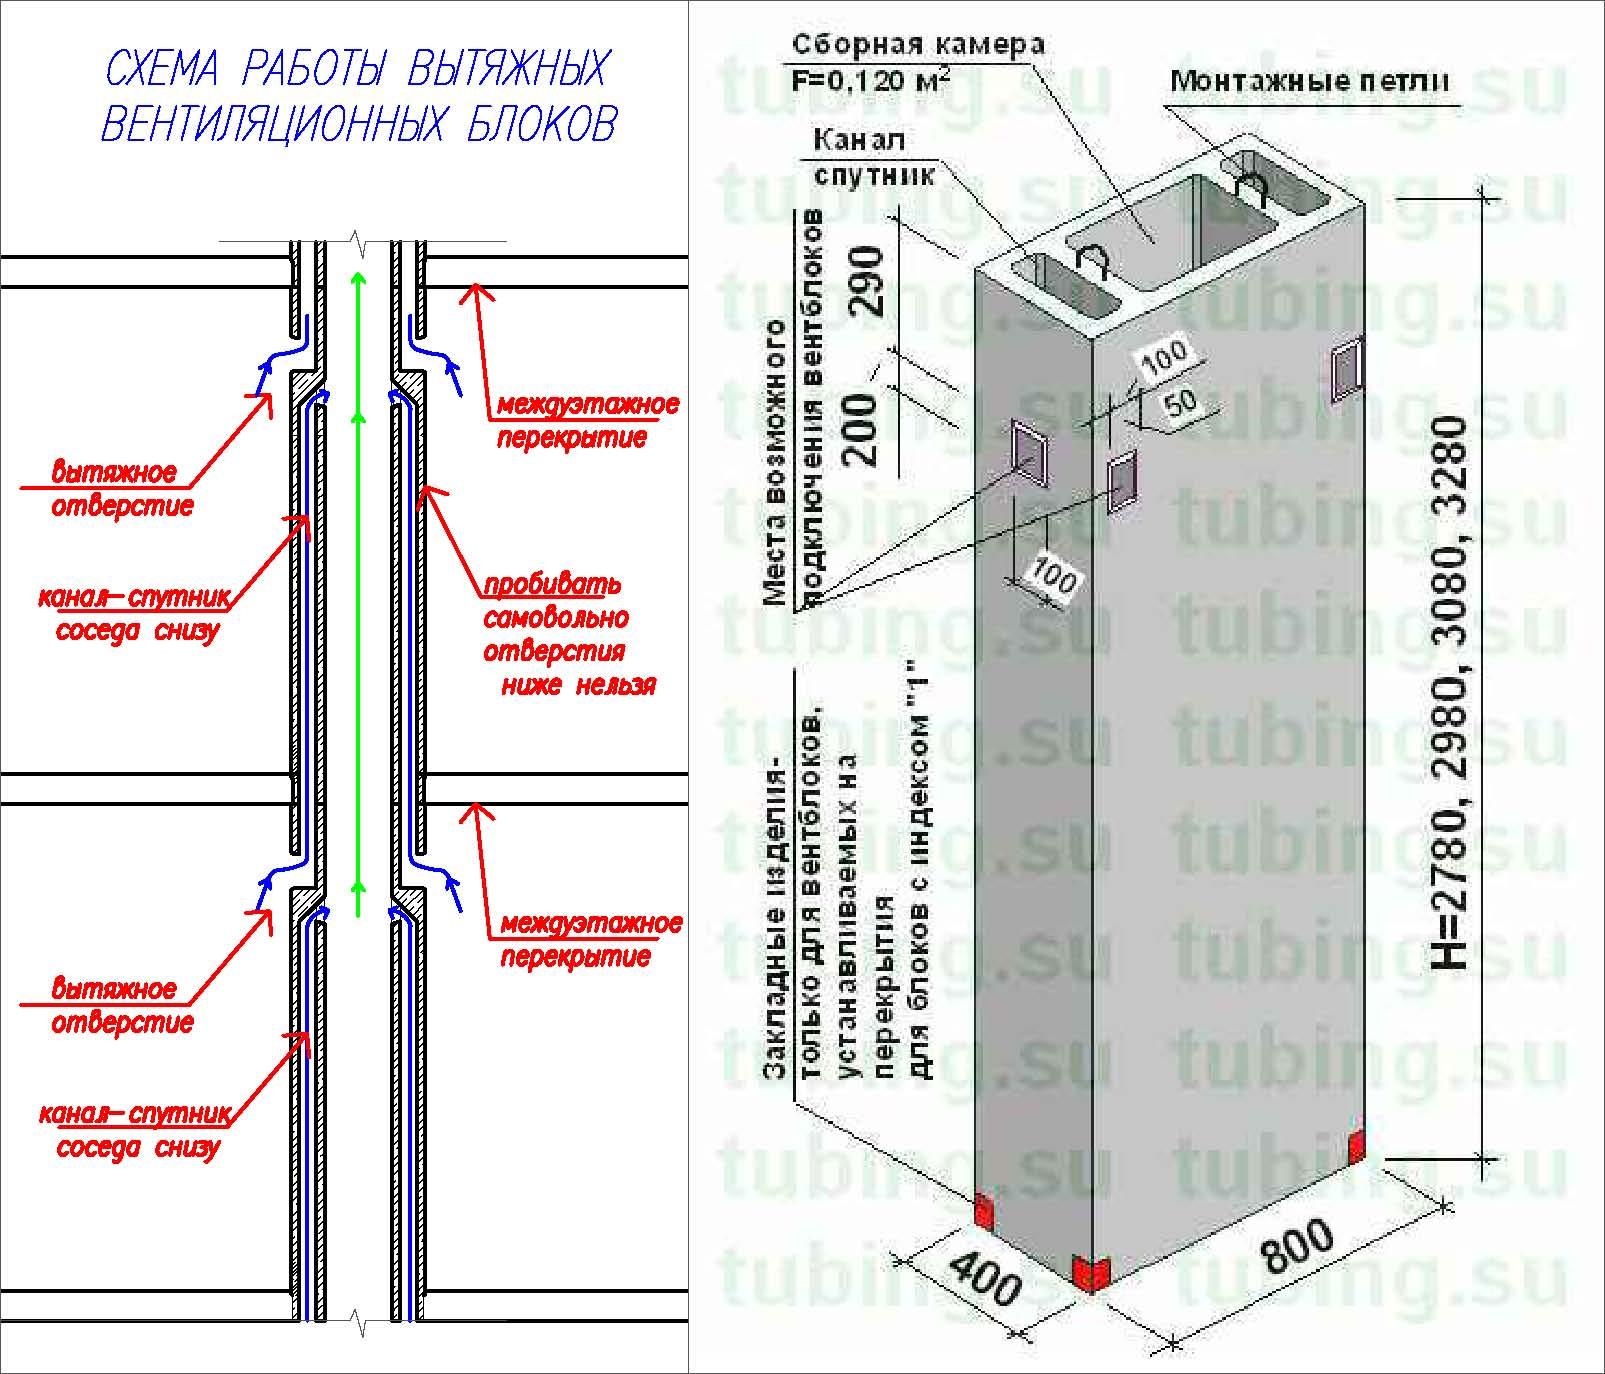 Схема вытяжной вентиляции в многоквартирном панельном доме